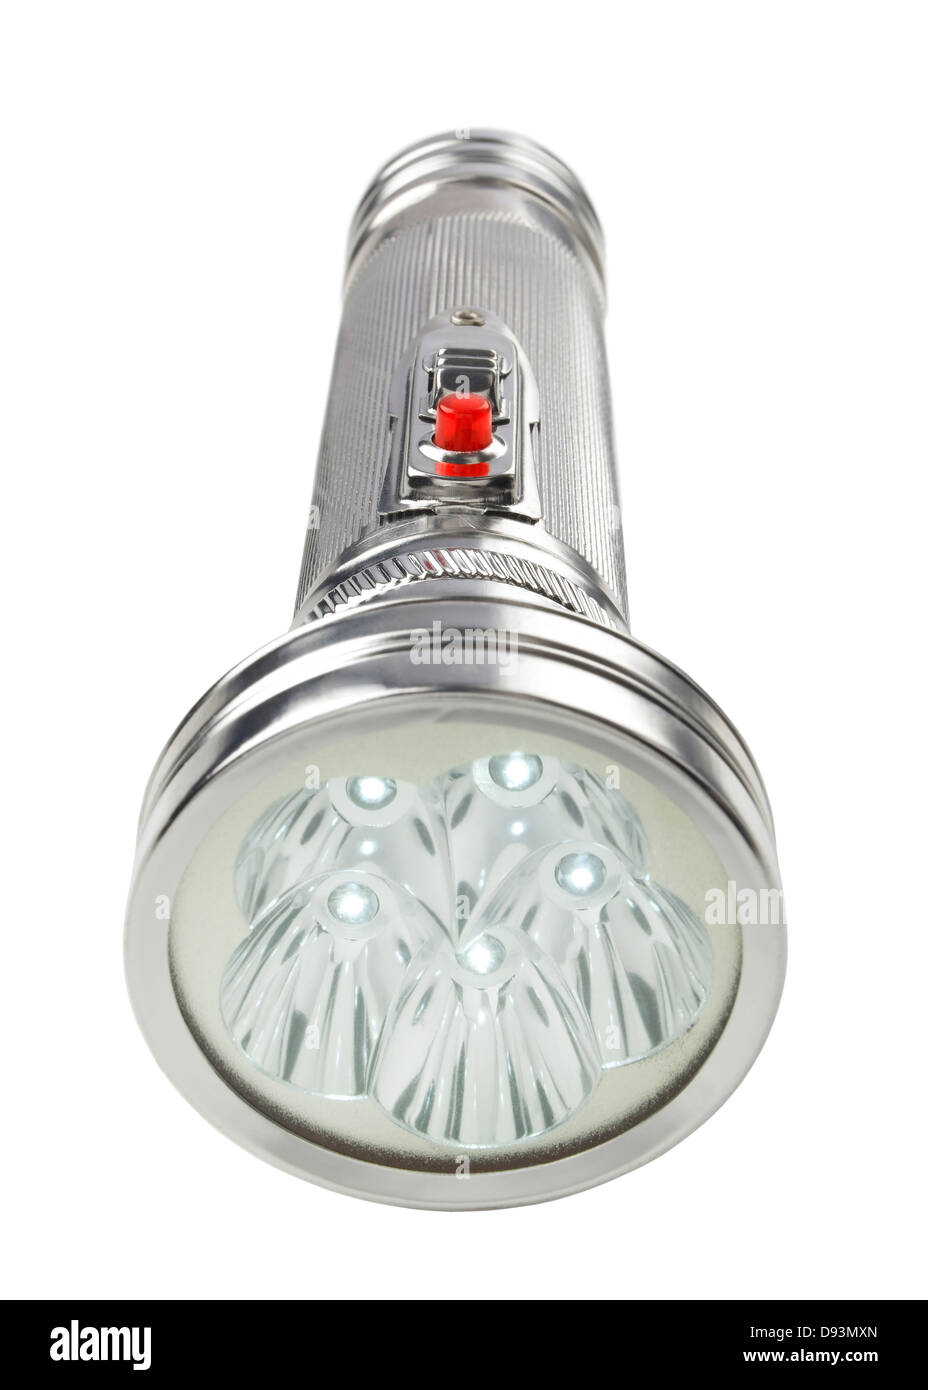 Chrome LED flashlight - Stock Image